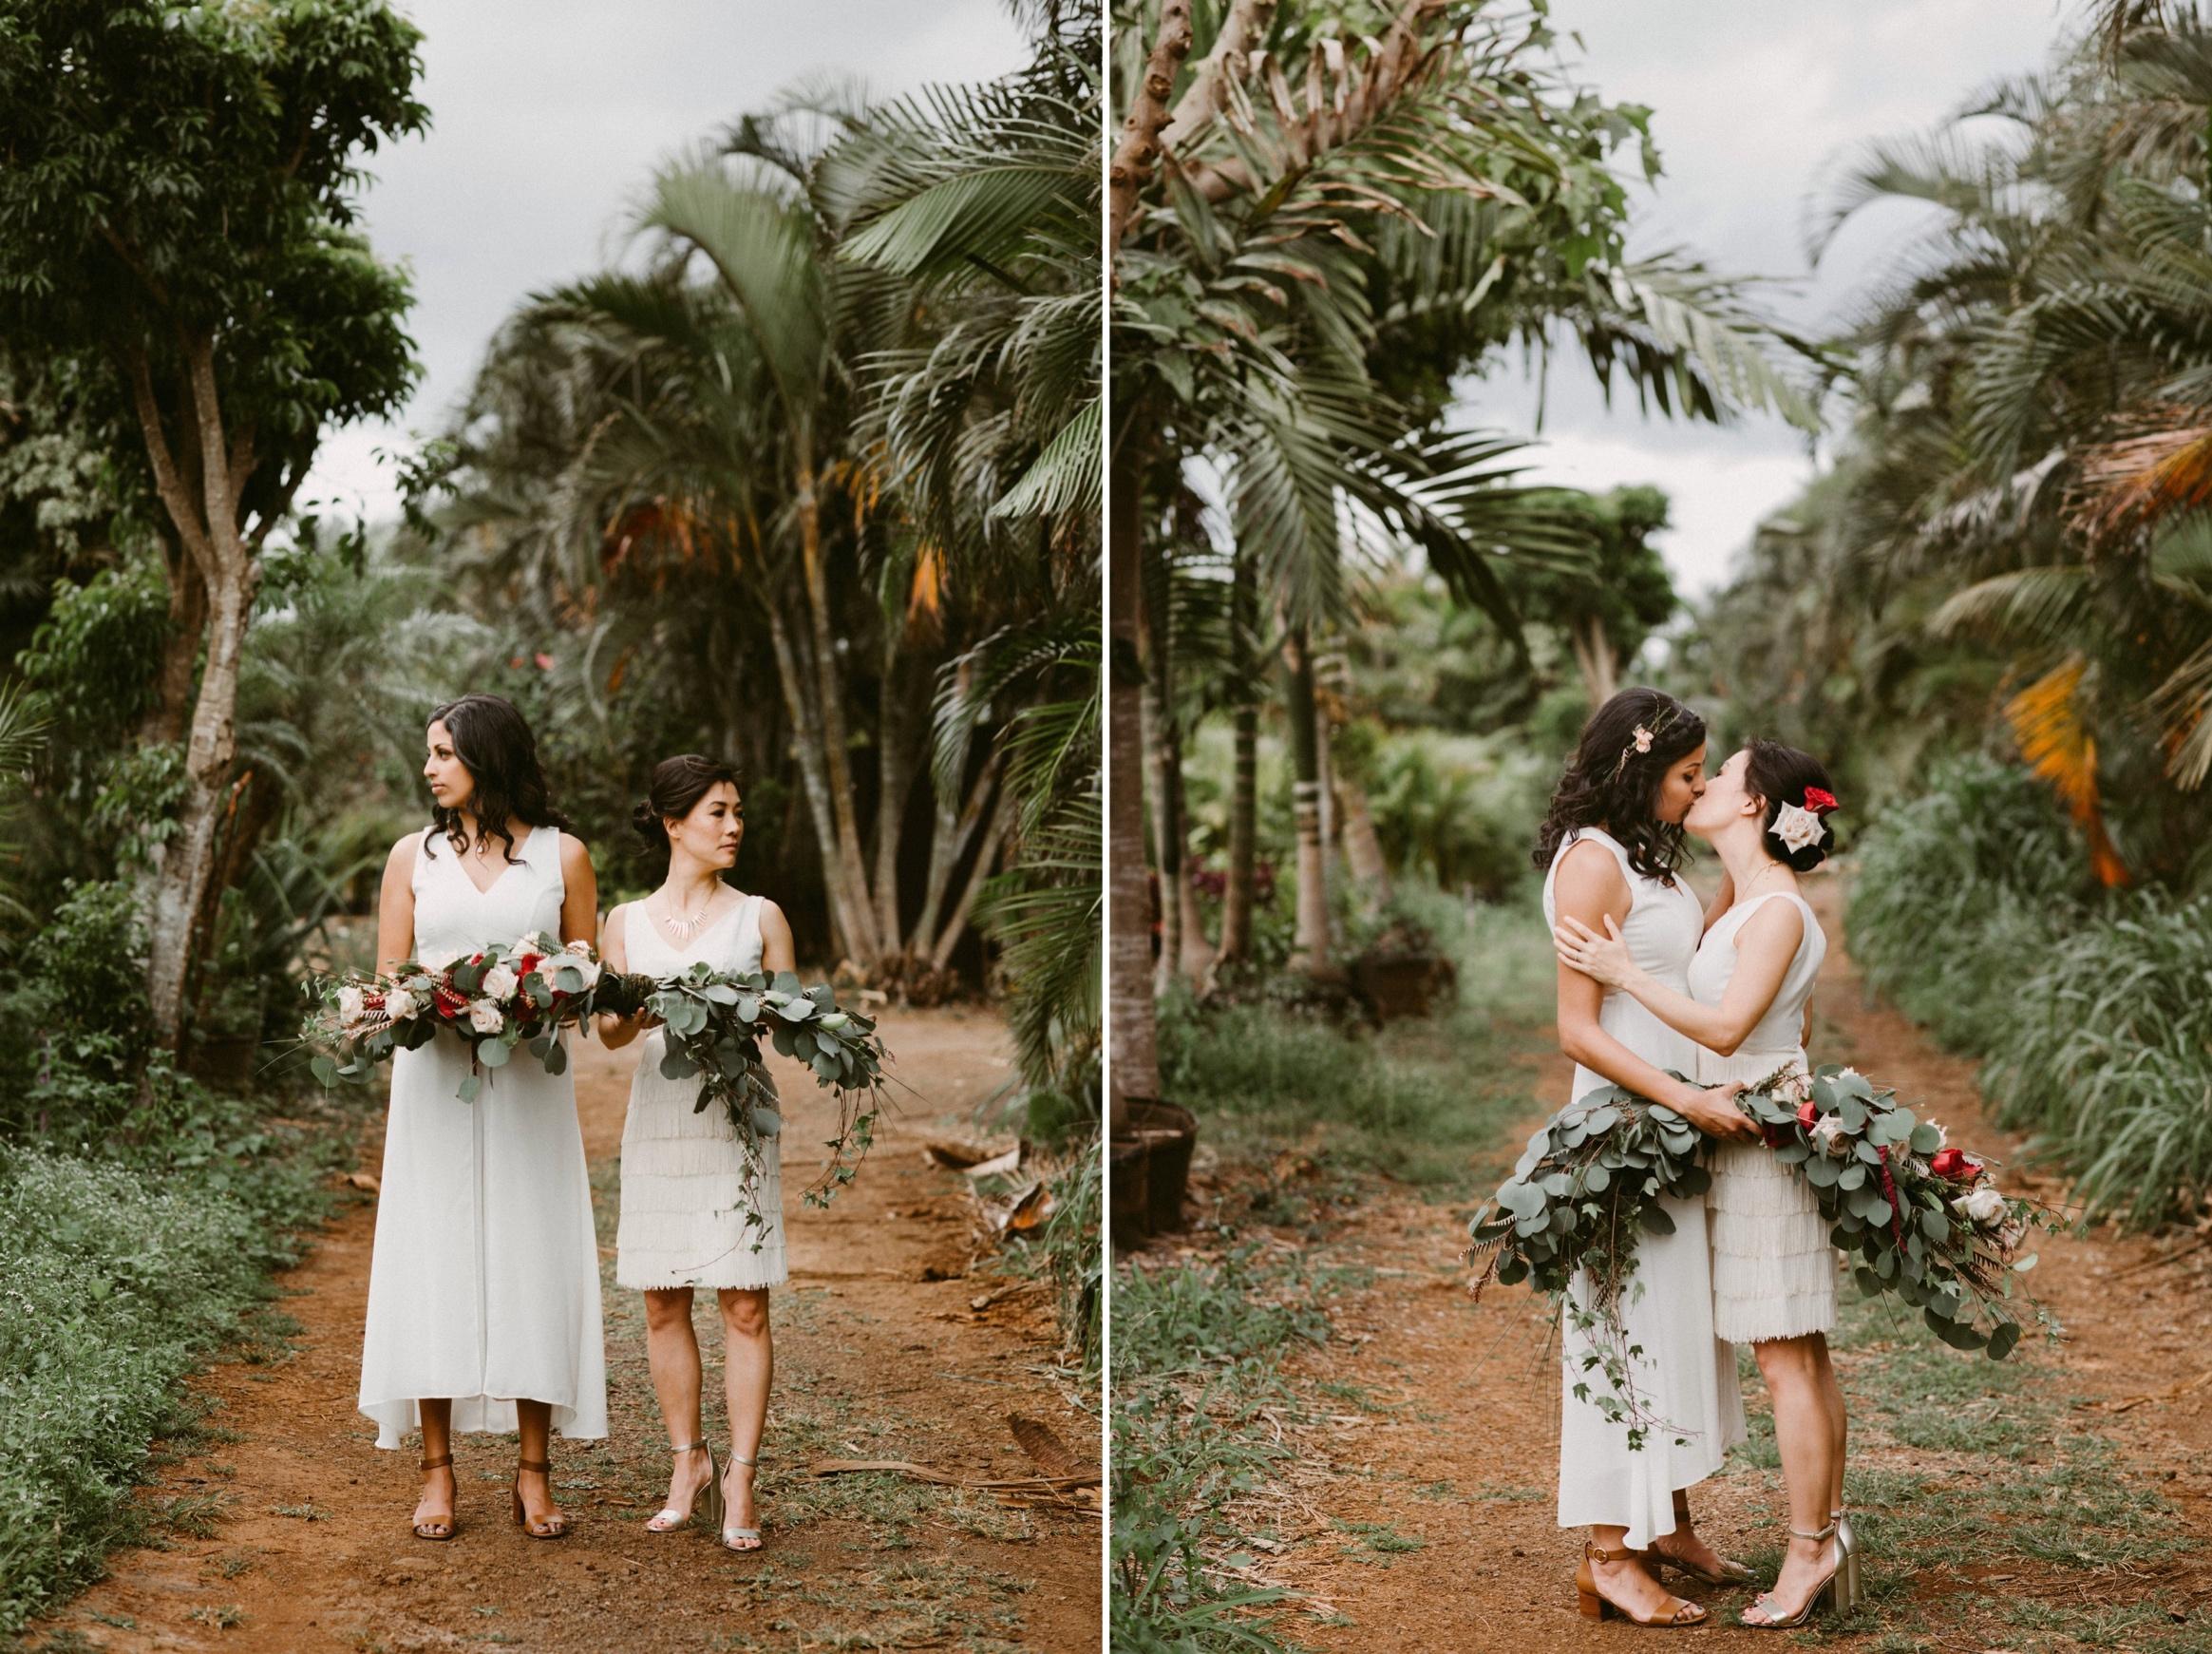 22_Oahu Hawaii Wedding  (69 of 294)_Oahu Hawaii Wedding  (61 of 294)_Oahu_sex_Hawaii_same_wedding_elopement_photographer.jpg